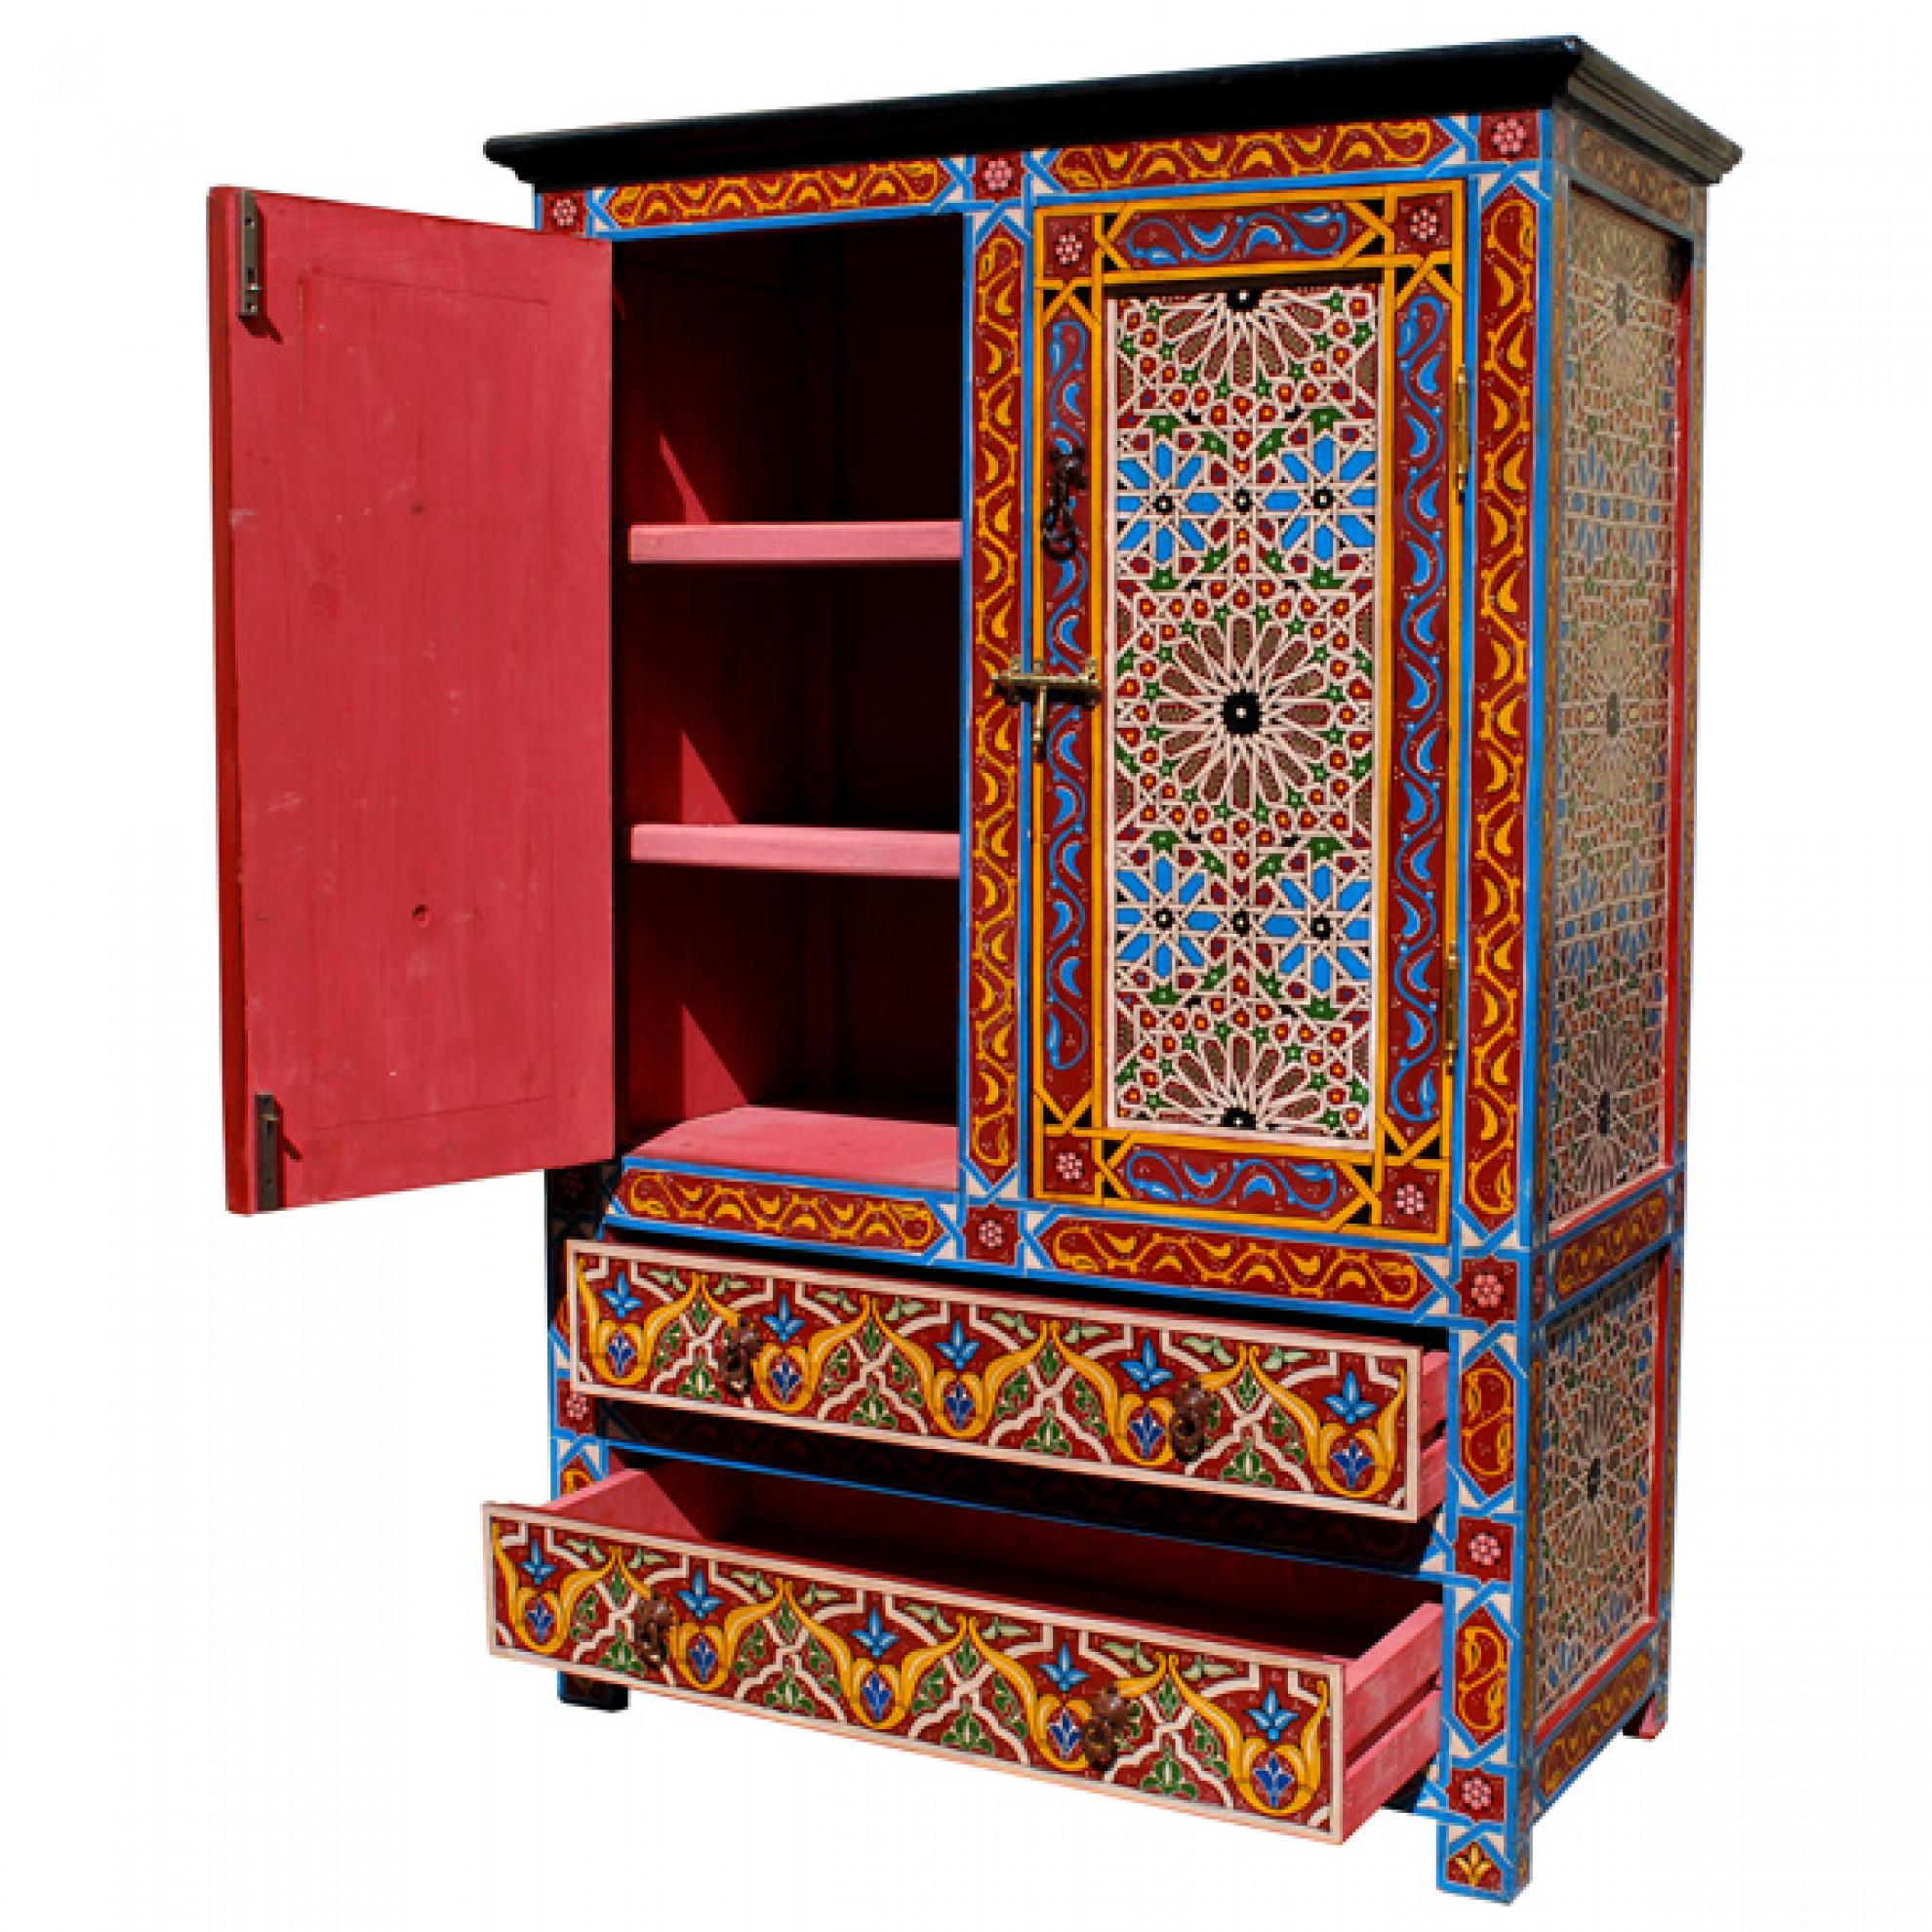 Abgesenkte Zimmerdecke Mit Robustem Sitzbank Orientalischer Art